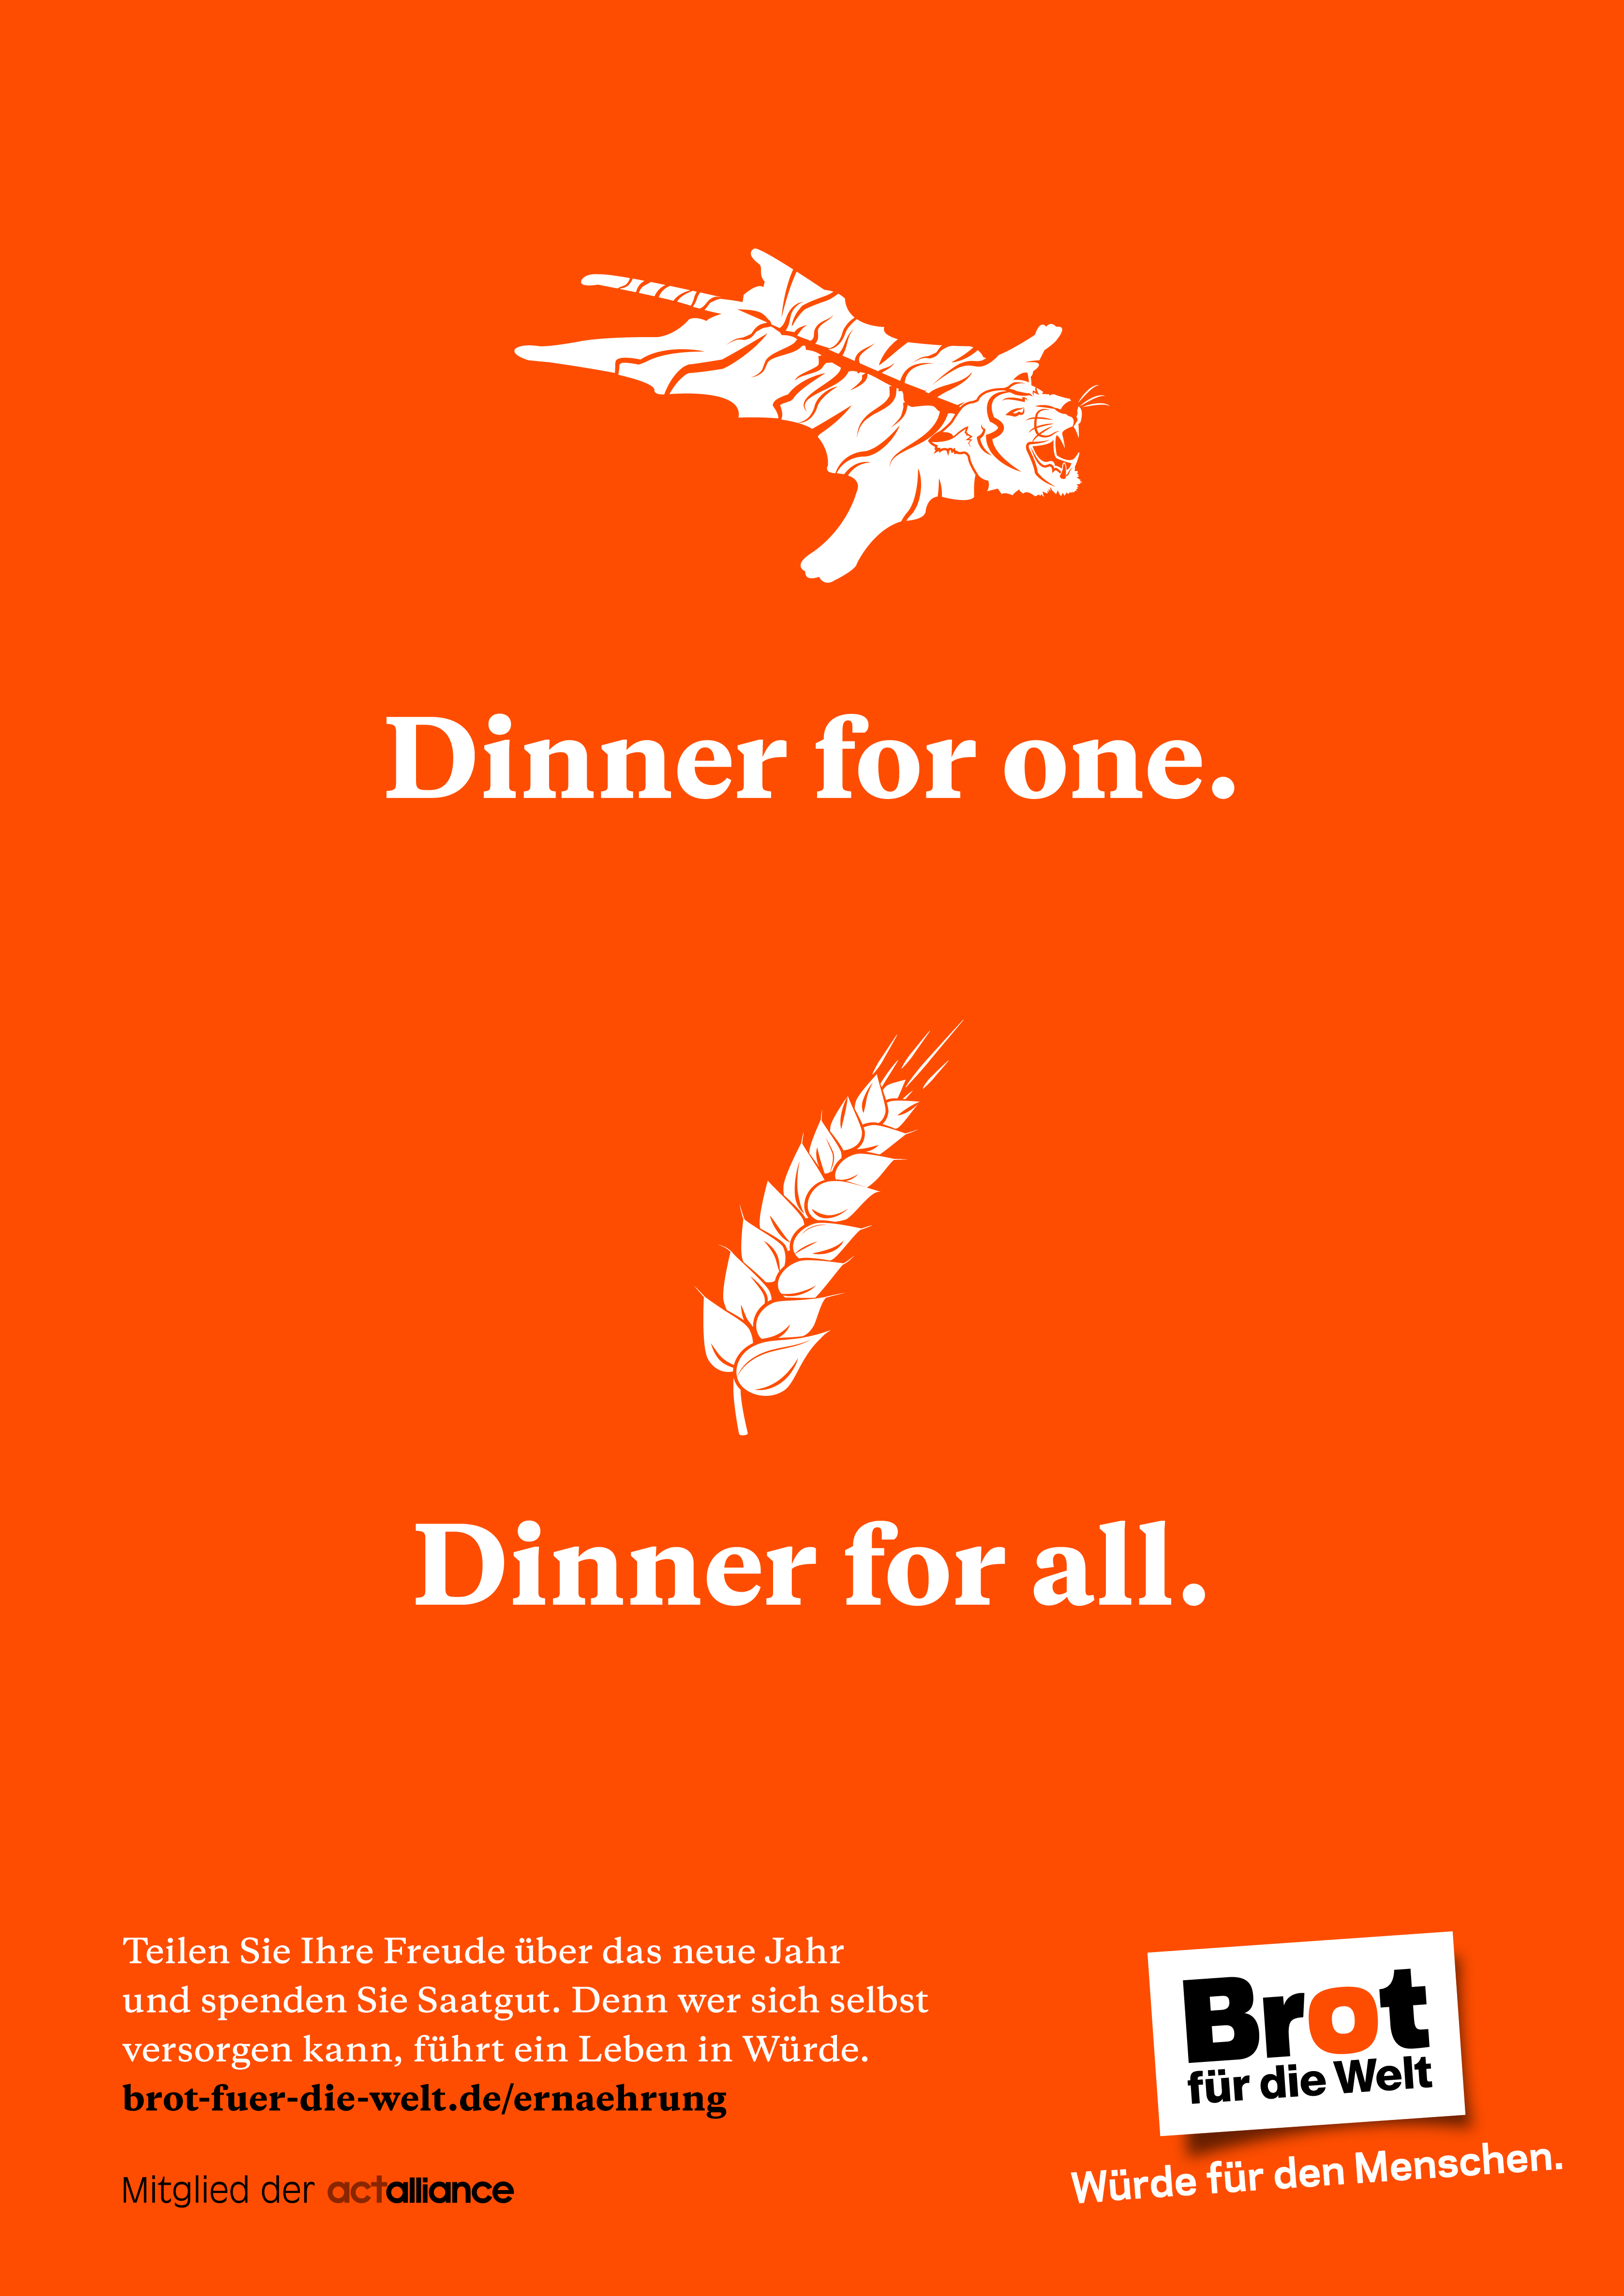 Plakat Brot statt Böller - Dinner for one. Dinner for all